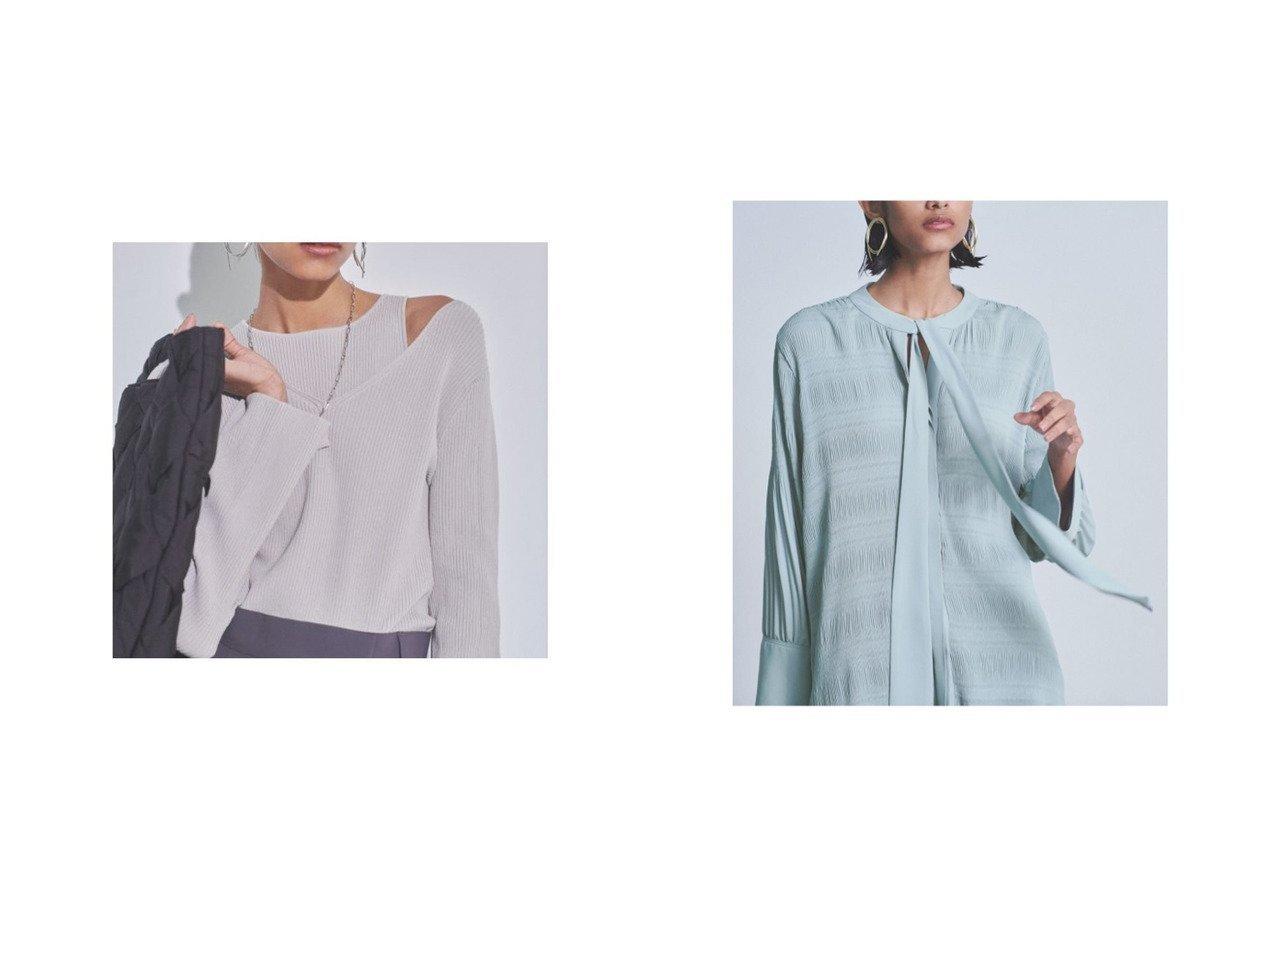 【Mila Owen/ミラオーウェン】のマジョリカプリーツボウタイブラウス&タンクレイヤードリブニットトップス 【トップス・カットソー】おすすめ!人気、トレンド・レディースファッションの通販 おすすめで人気の流行・トレンド、ファッションの通販商品 インテリア・家具・メンズファッション・キッズファッション・レディースファッション・服の通販 founy(ファニー) https://founy.com/ ファッション Fashion レディースファッション WOMEN トップス・カットソー Tops/Tshirt ニット Knit Tops シャツ/ブラウス Shirts/Blouses アメリカン インナー ウォッシャブル 春 Spring カットソー スマート スリット スリーブ タンク デコルテ デニム フィット リブニット 2021年 2021 S/S・春夏 SS・Spring/Summer 2021春夏・S/S SS/Spring/Summer/2021 おすすめ Recommend 夏 Summer |ID:crp329100000048315